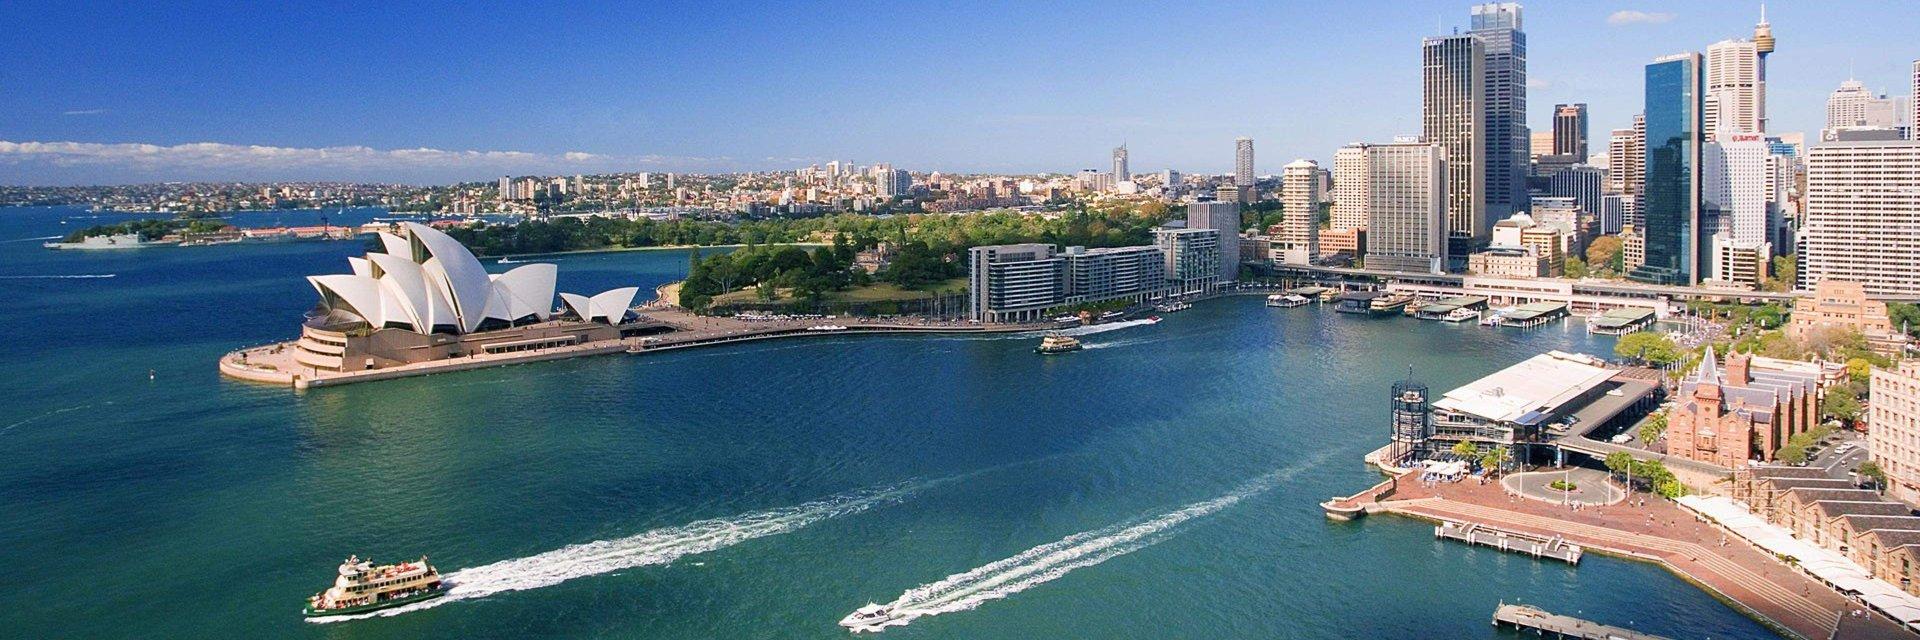 Туры на курорт Большой Барьерный Риф (Австралия) в июне 2020 из Москвы - цены, путевки на отдых на курорте Большой Барьерный Риф в июне - ПАКС